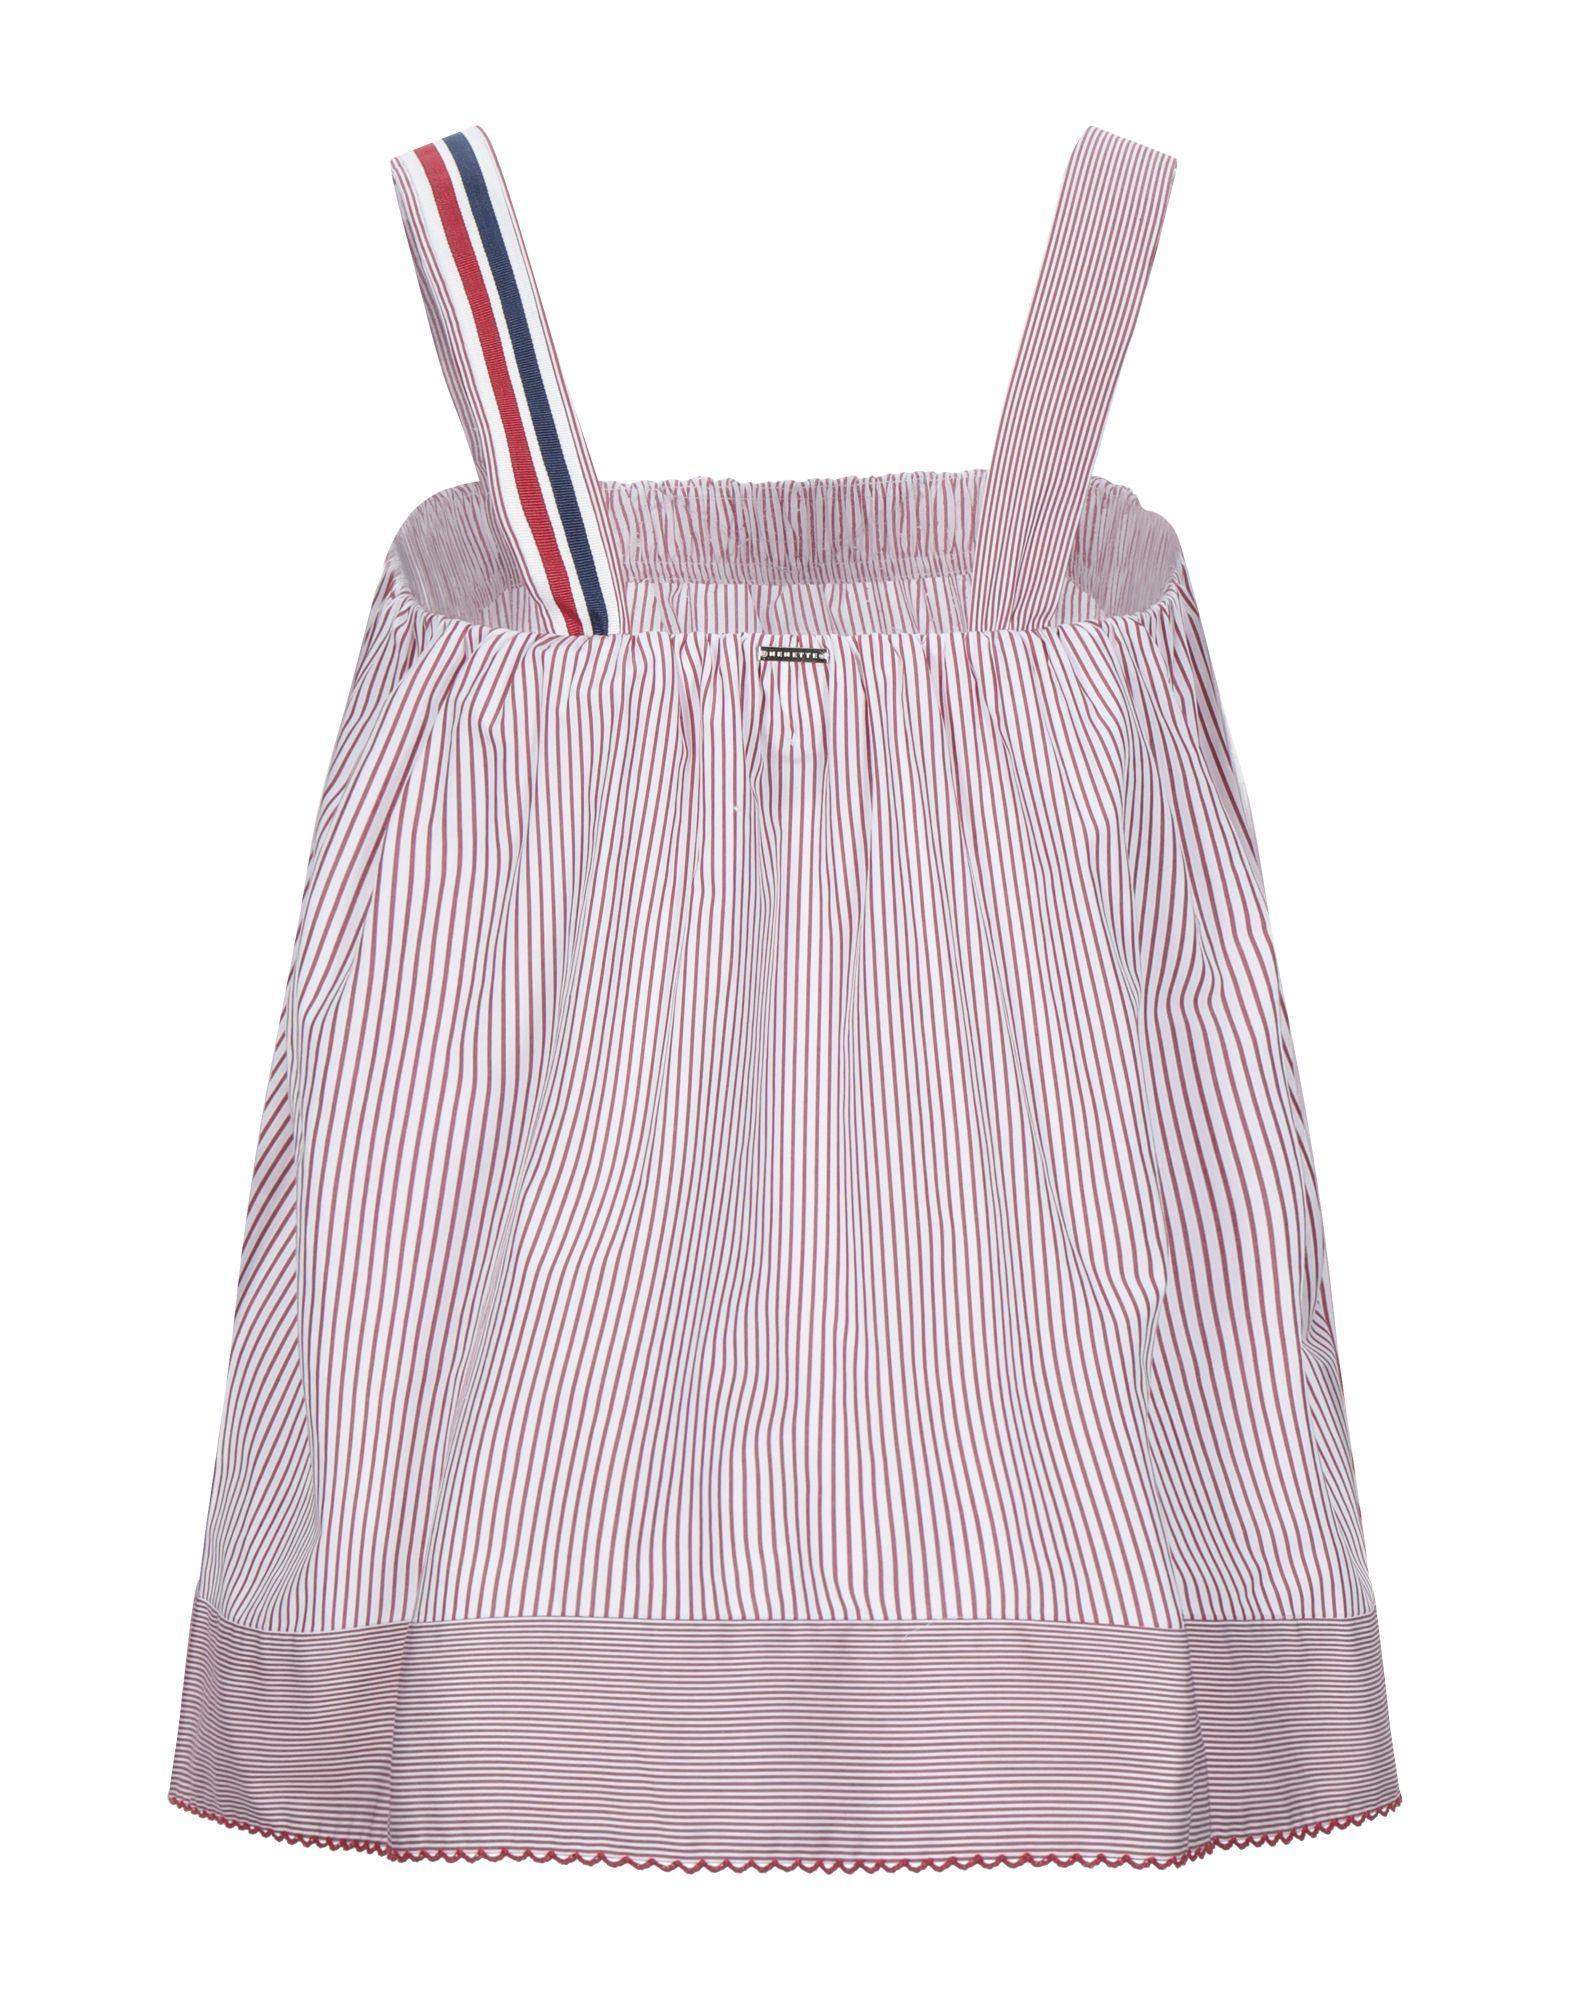 Nenette Red Stripe Cotton Camisole